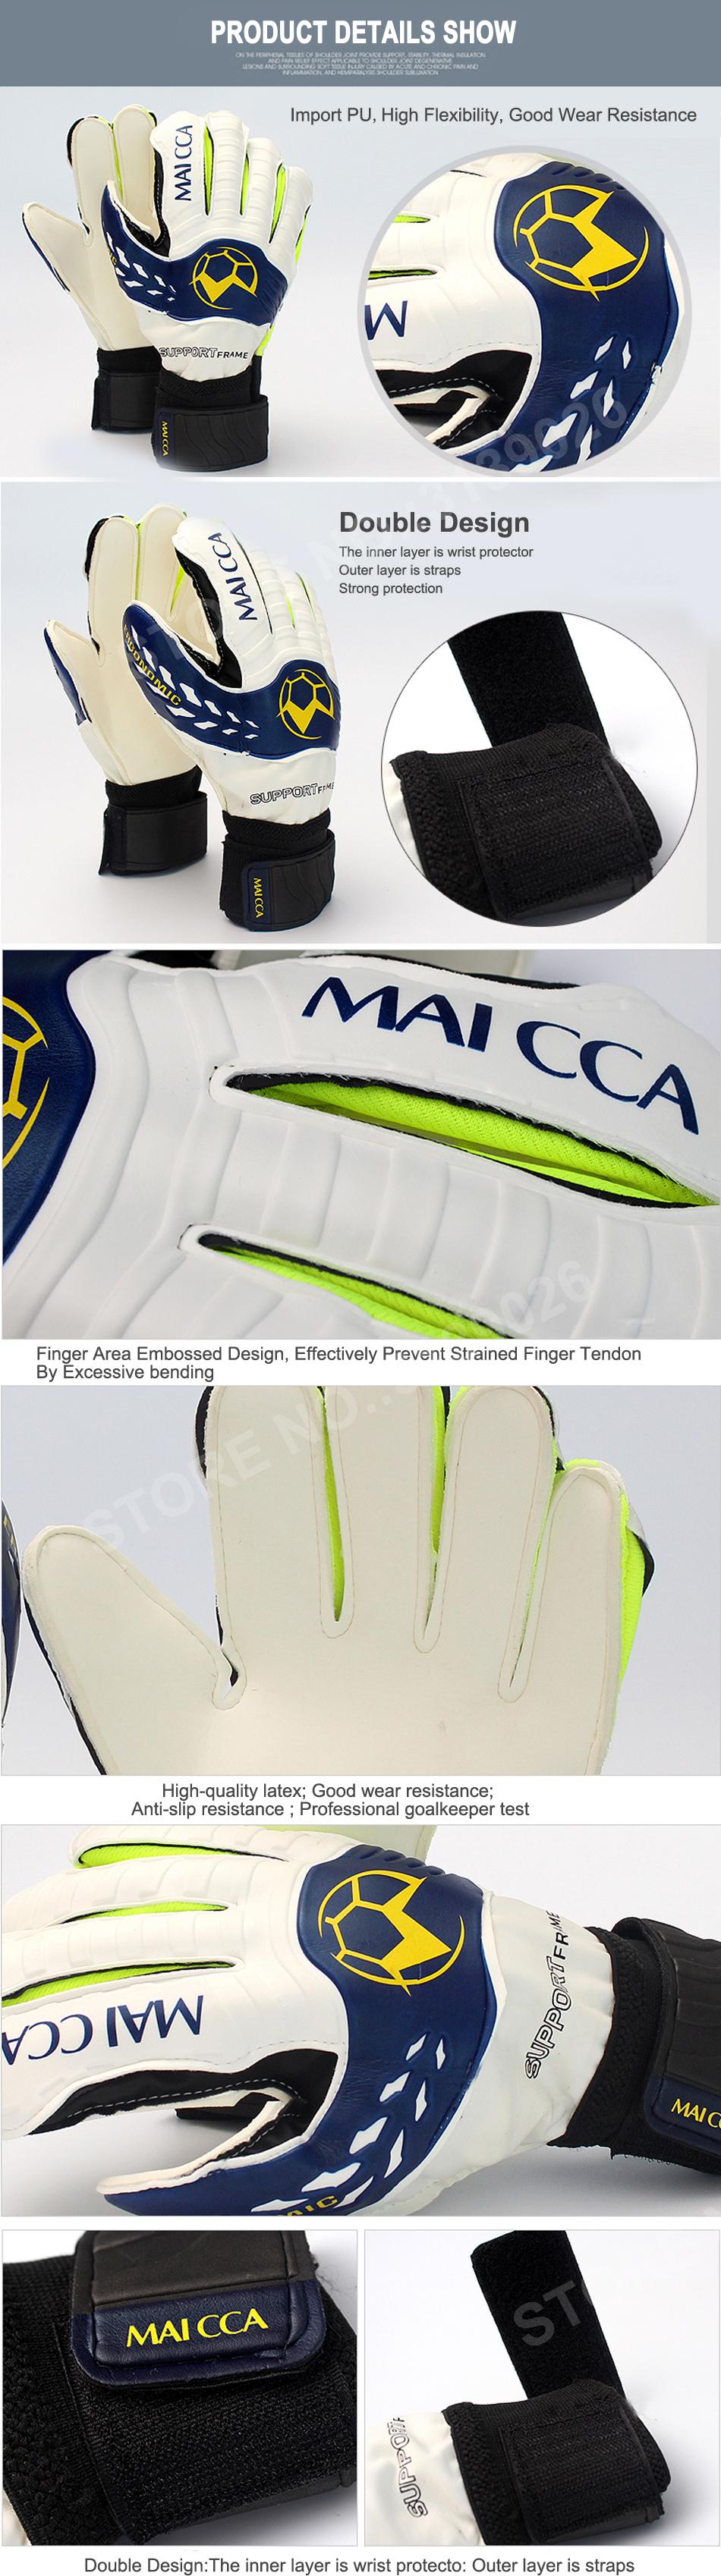 9_Goalie_Gloves_Goalkeeper_gloves